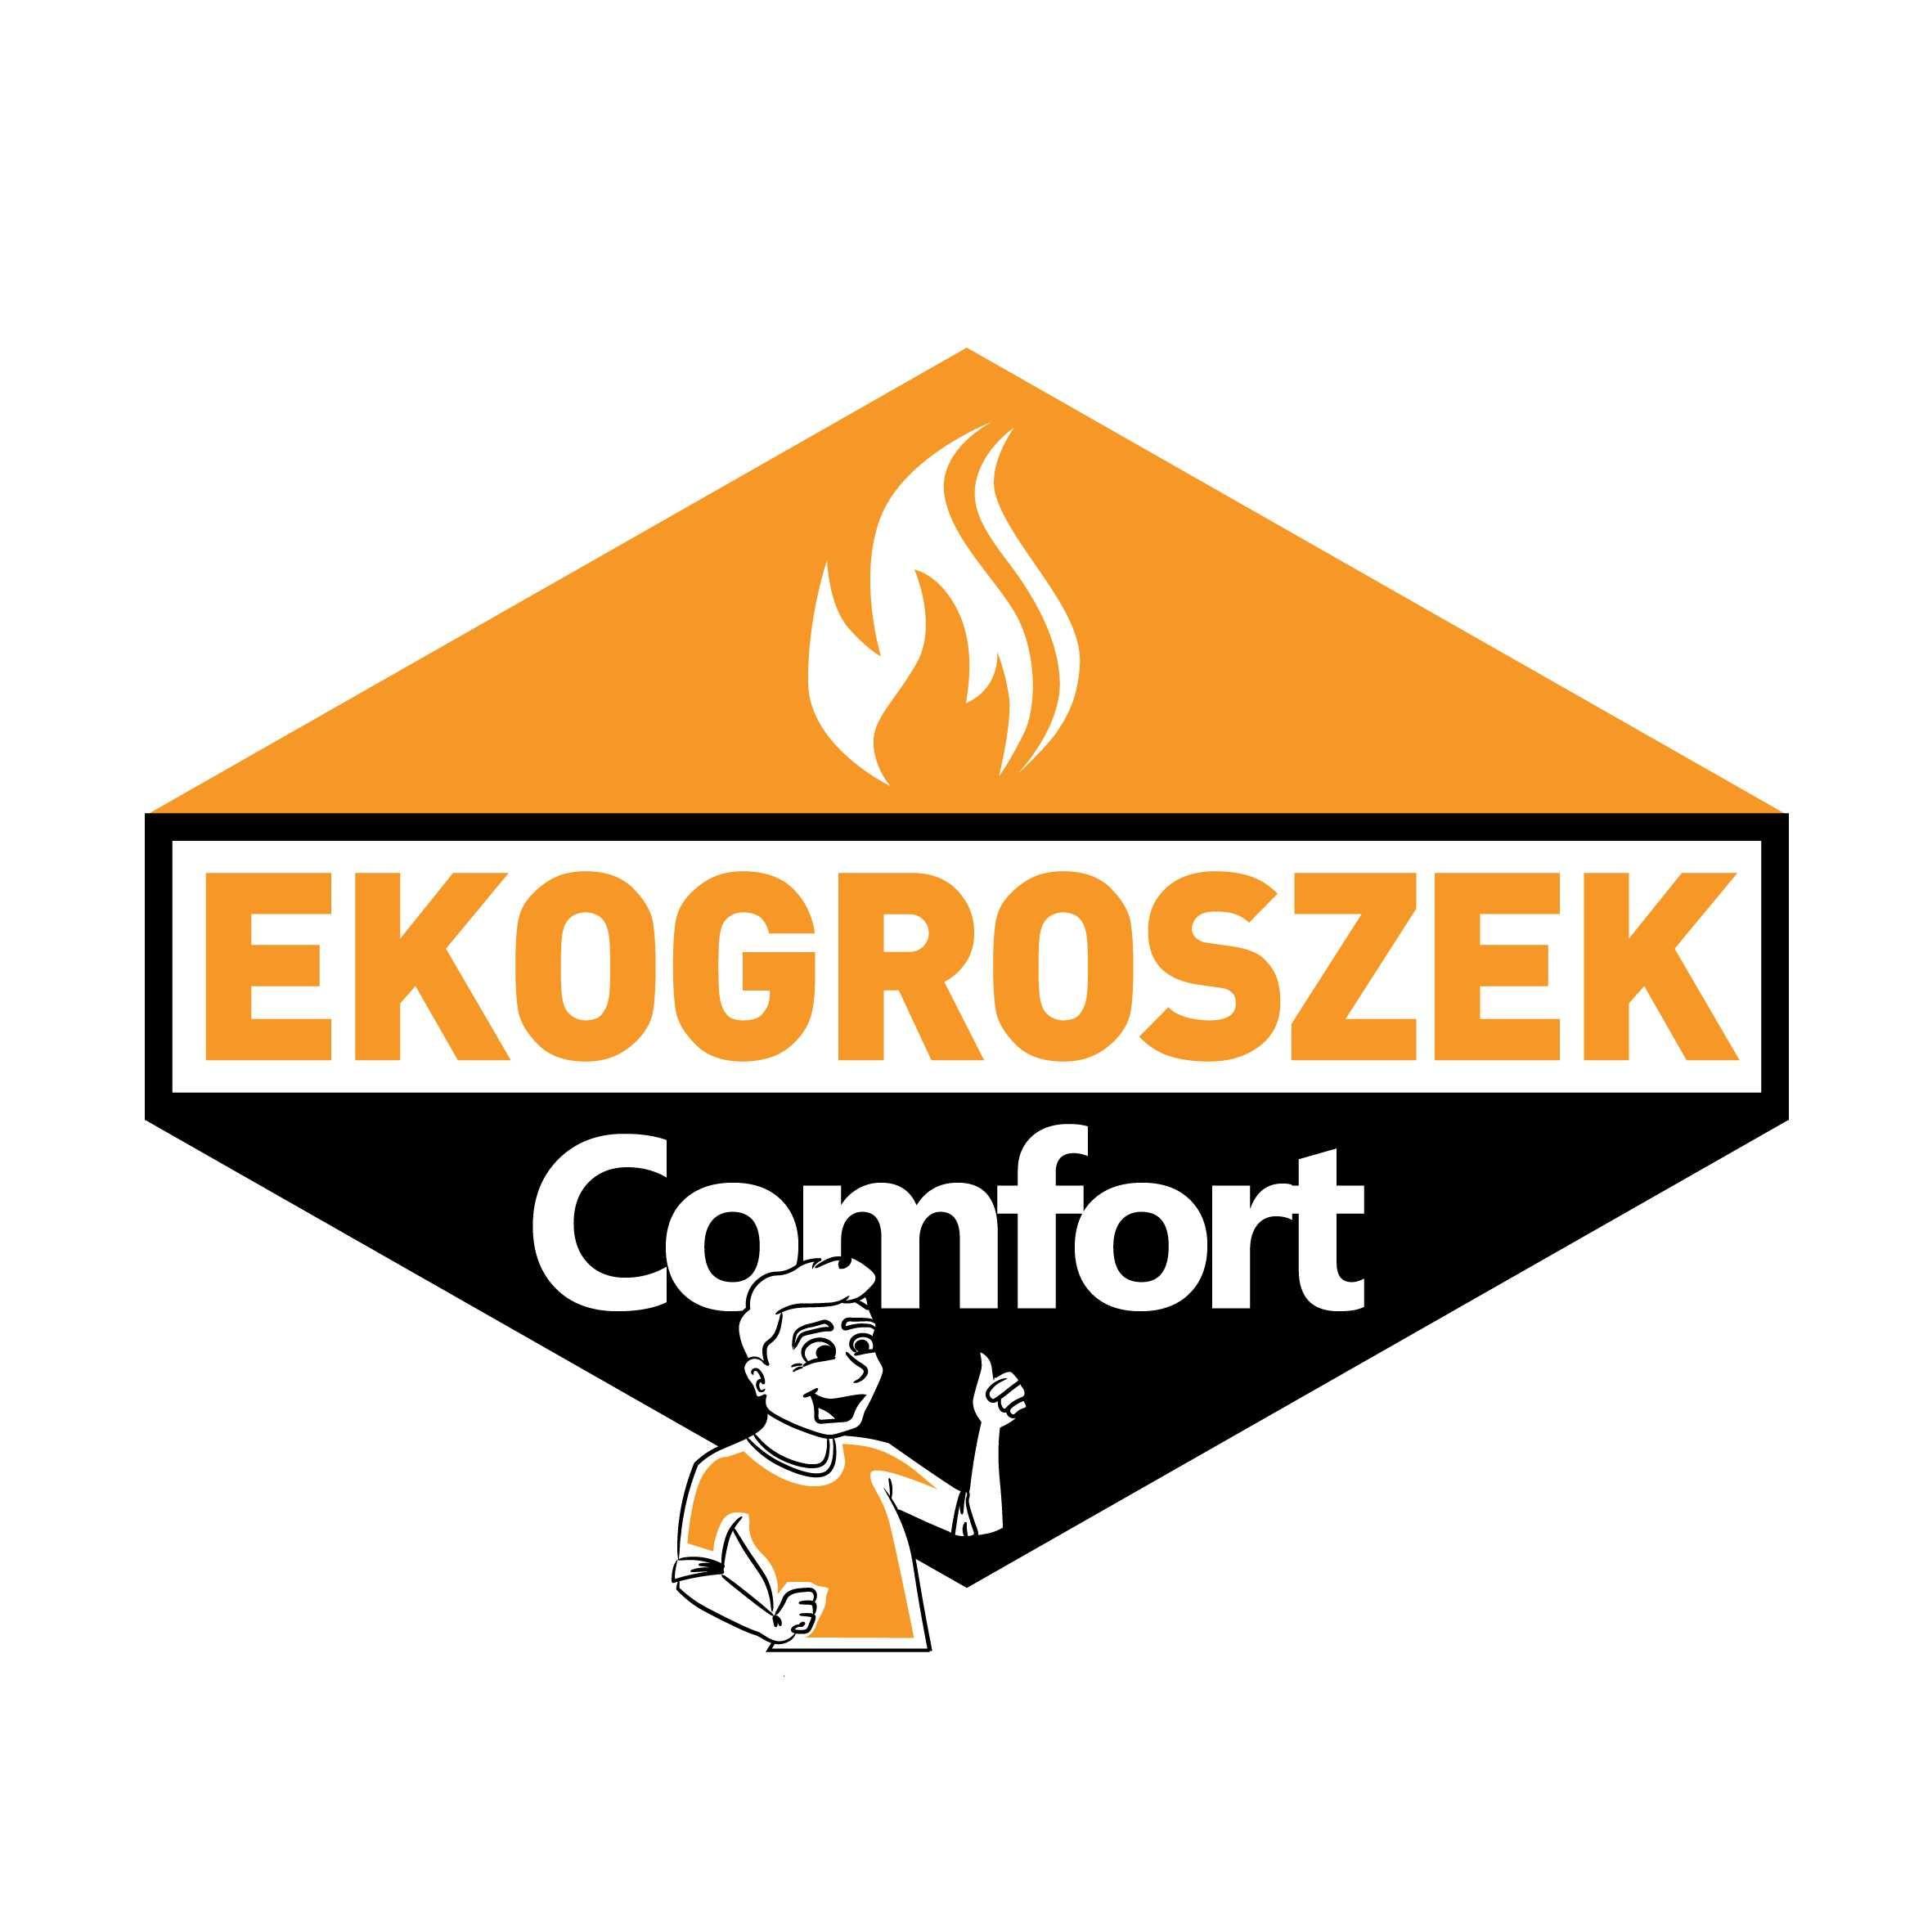 Ekogroszek COMFORT 40 x 25 kg (JG)